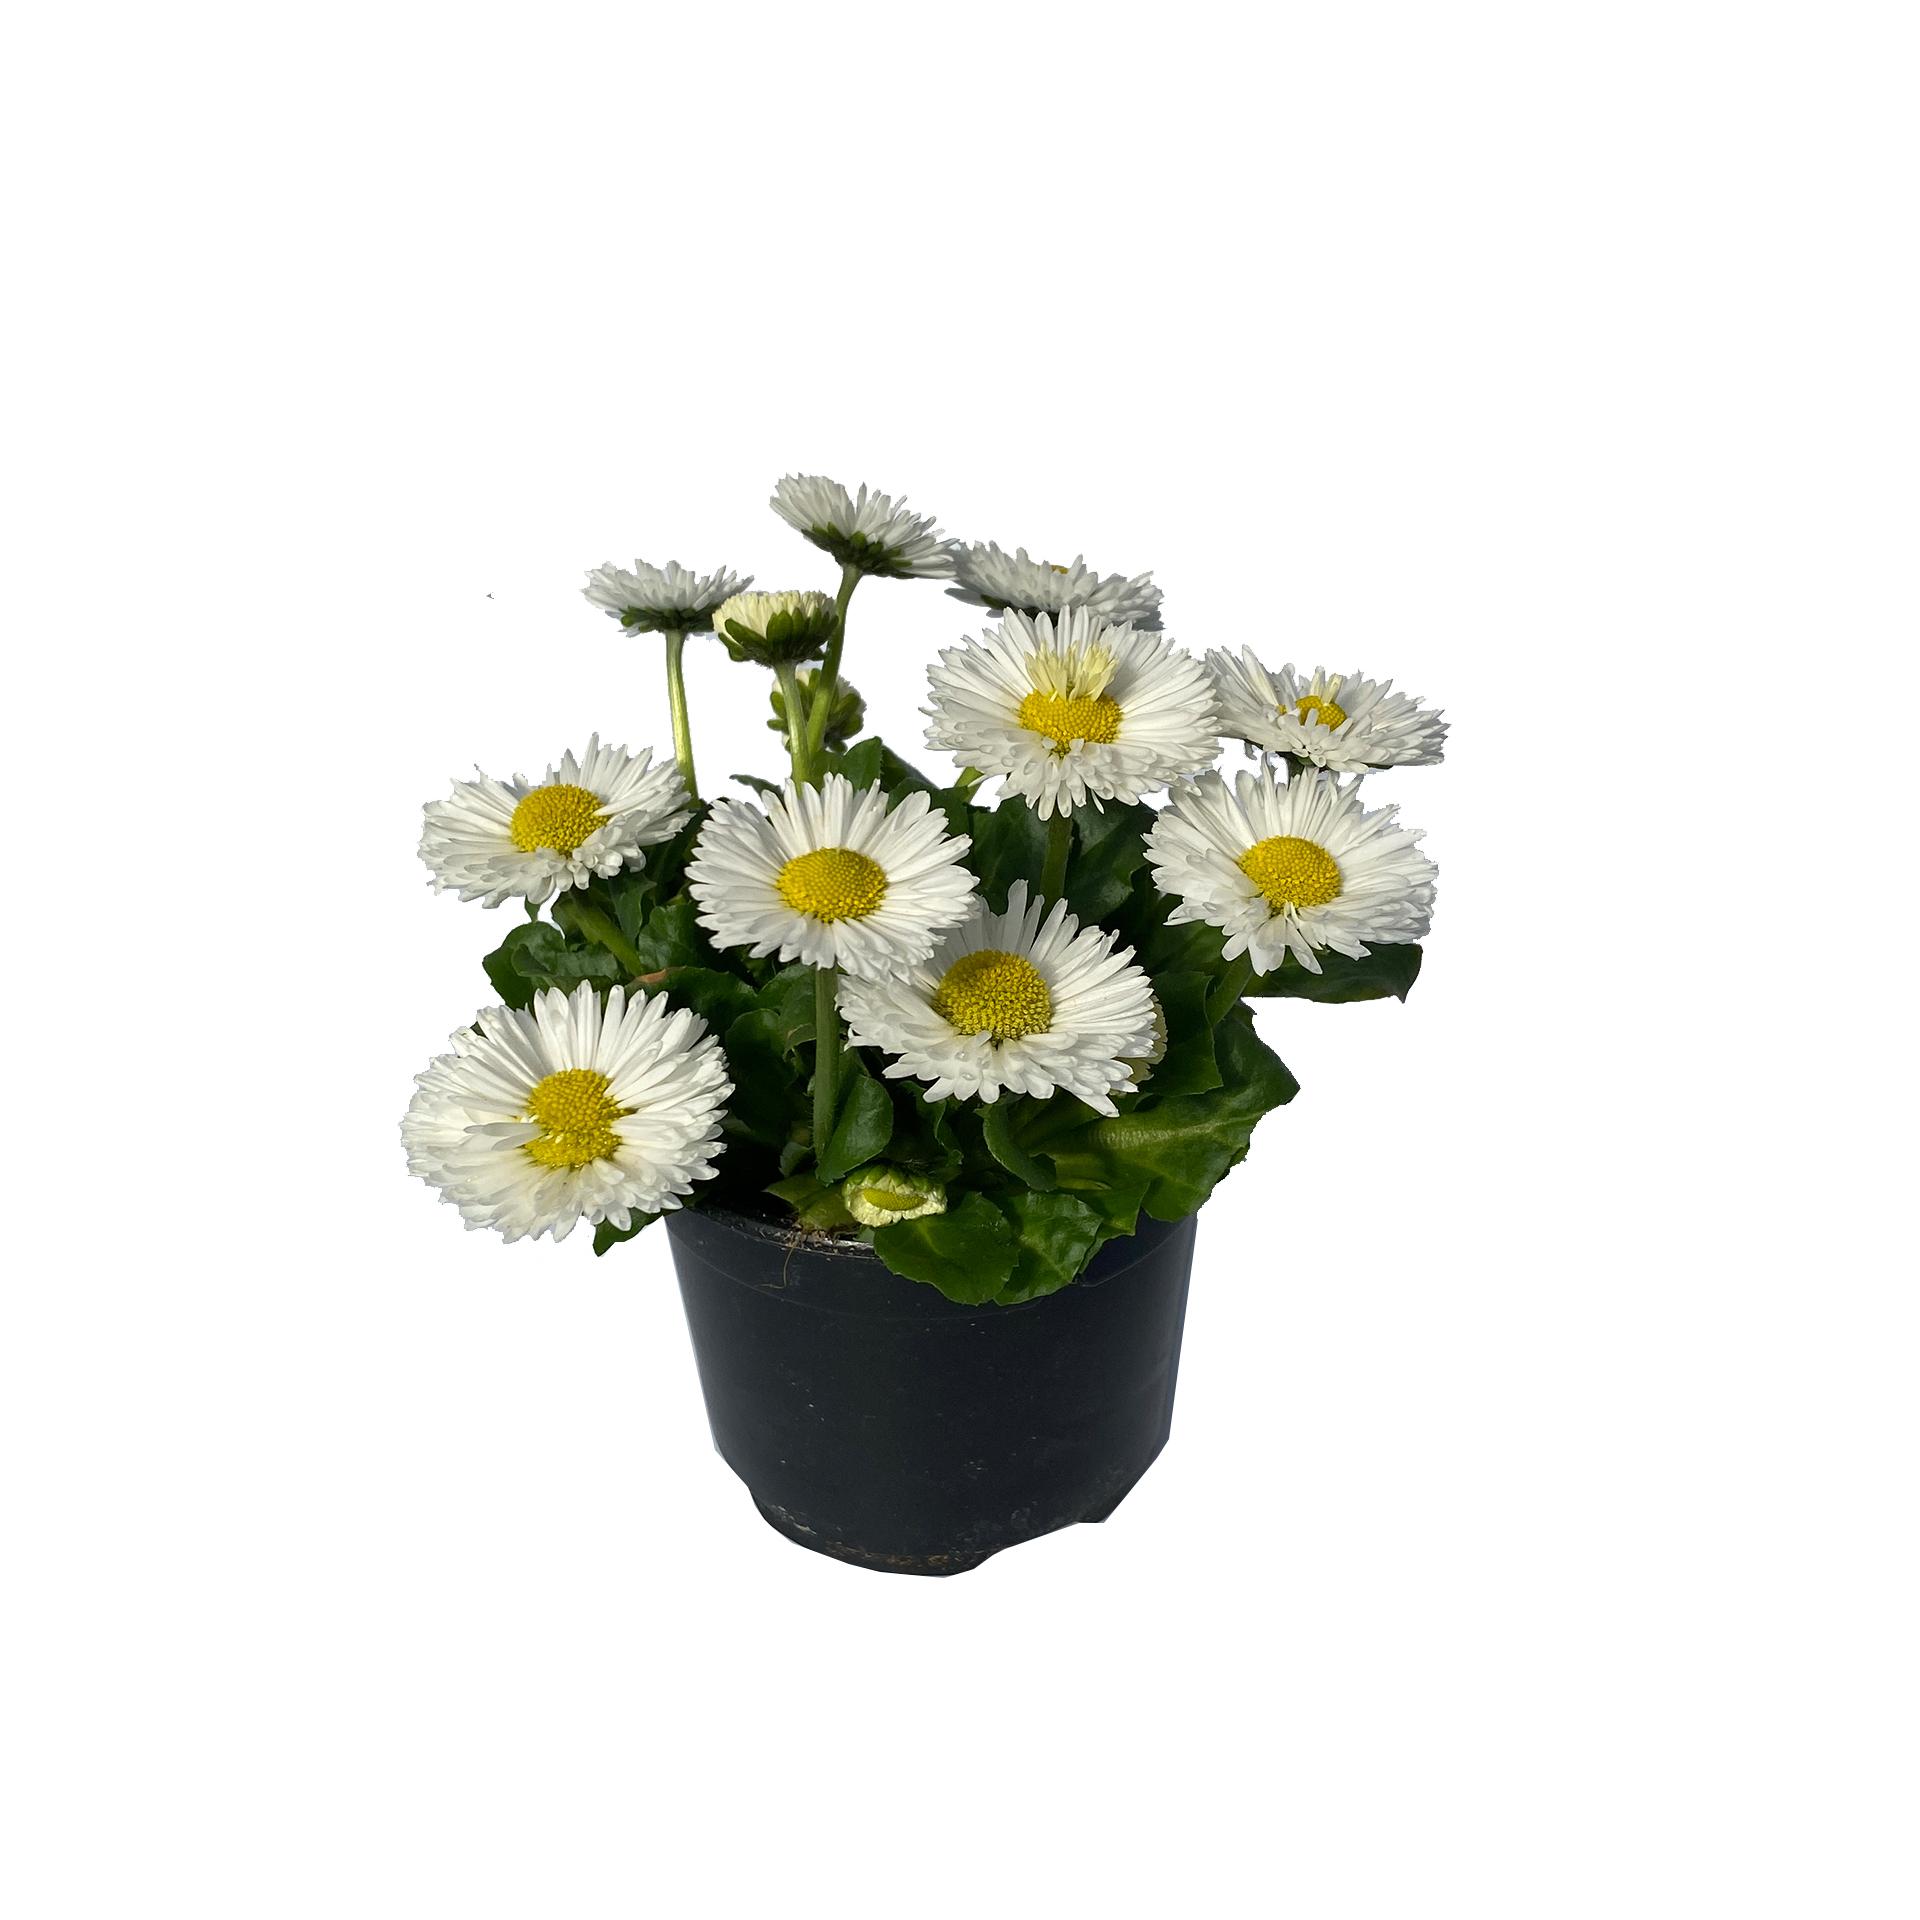 Gänseblümchen Bellis - Bellis perennis,  weiß, 11cm Topf